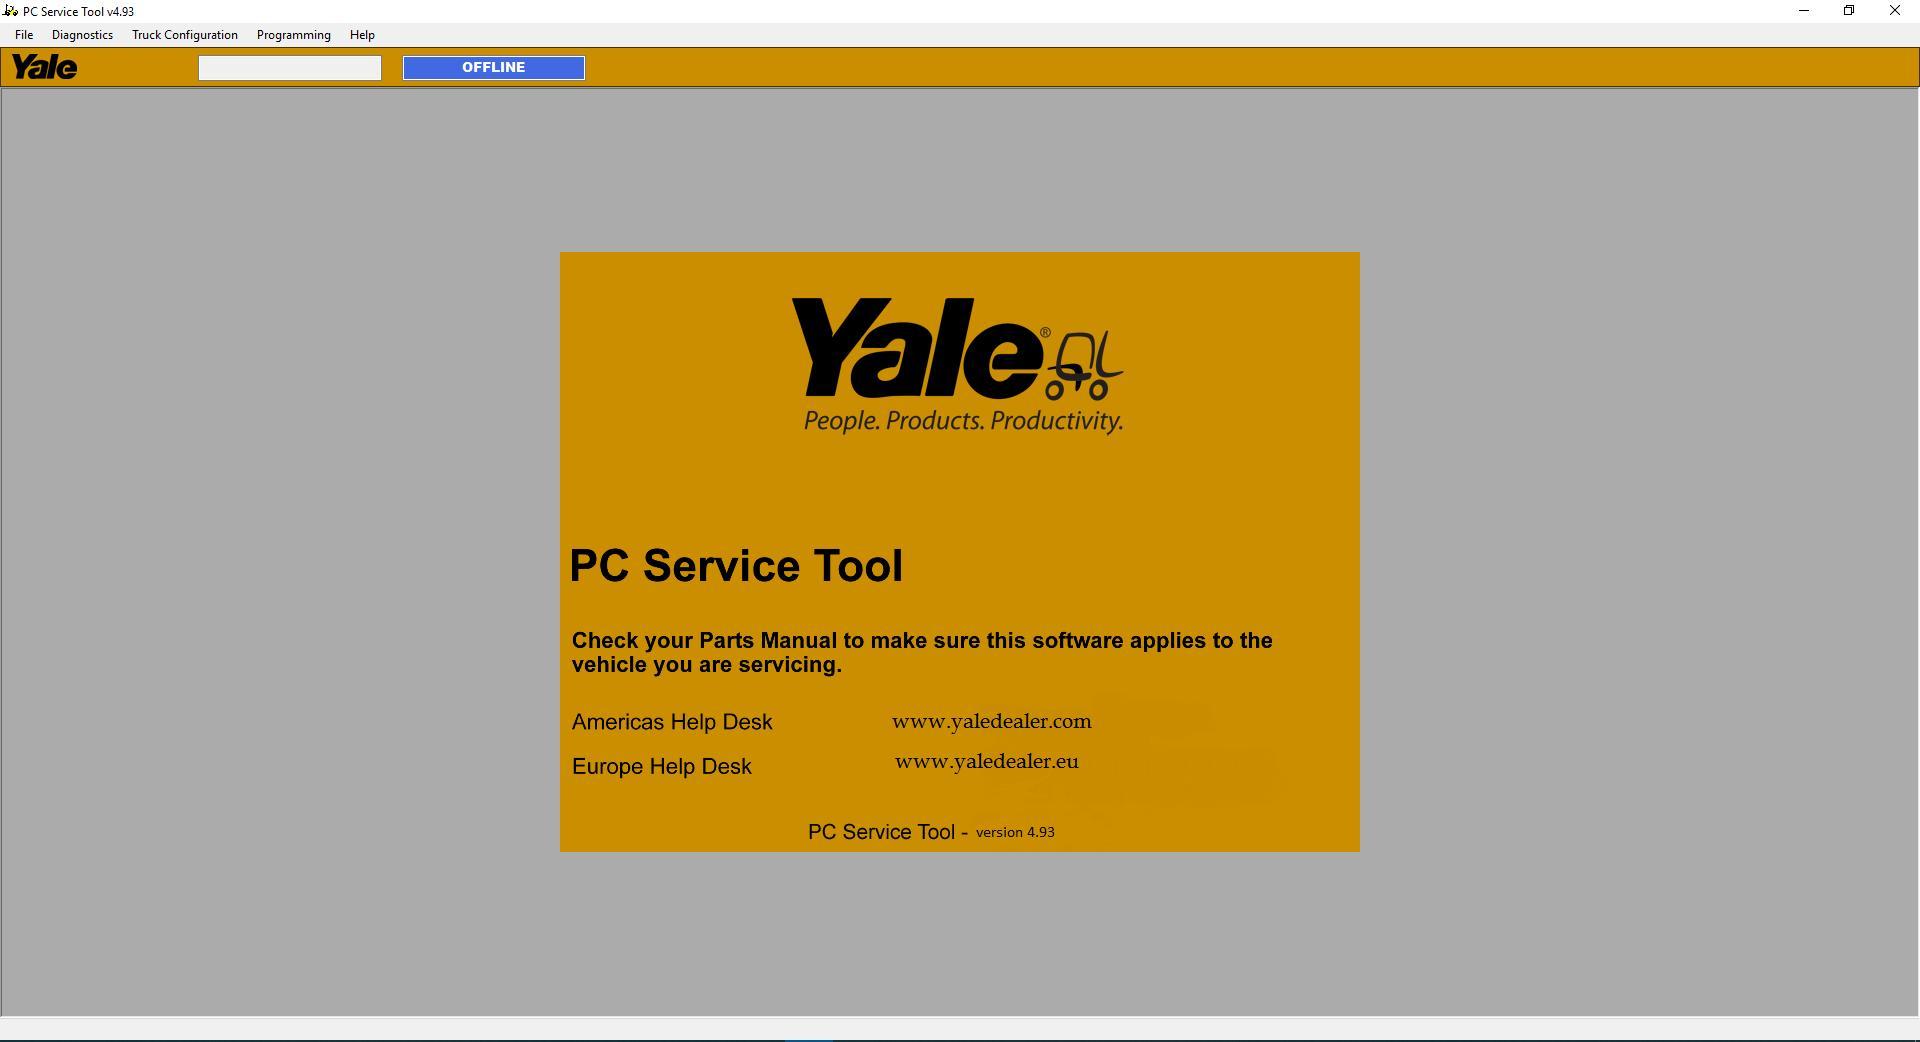 Hyster_Yale_PC_Service_Tool_v493_20195EyD2R